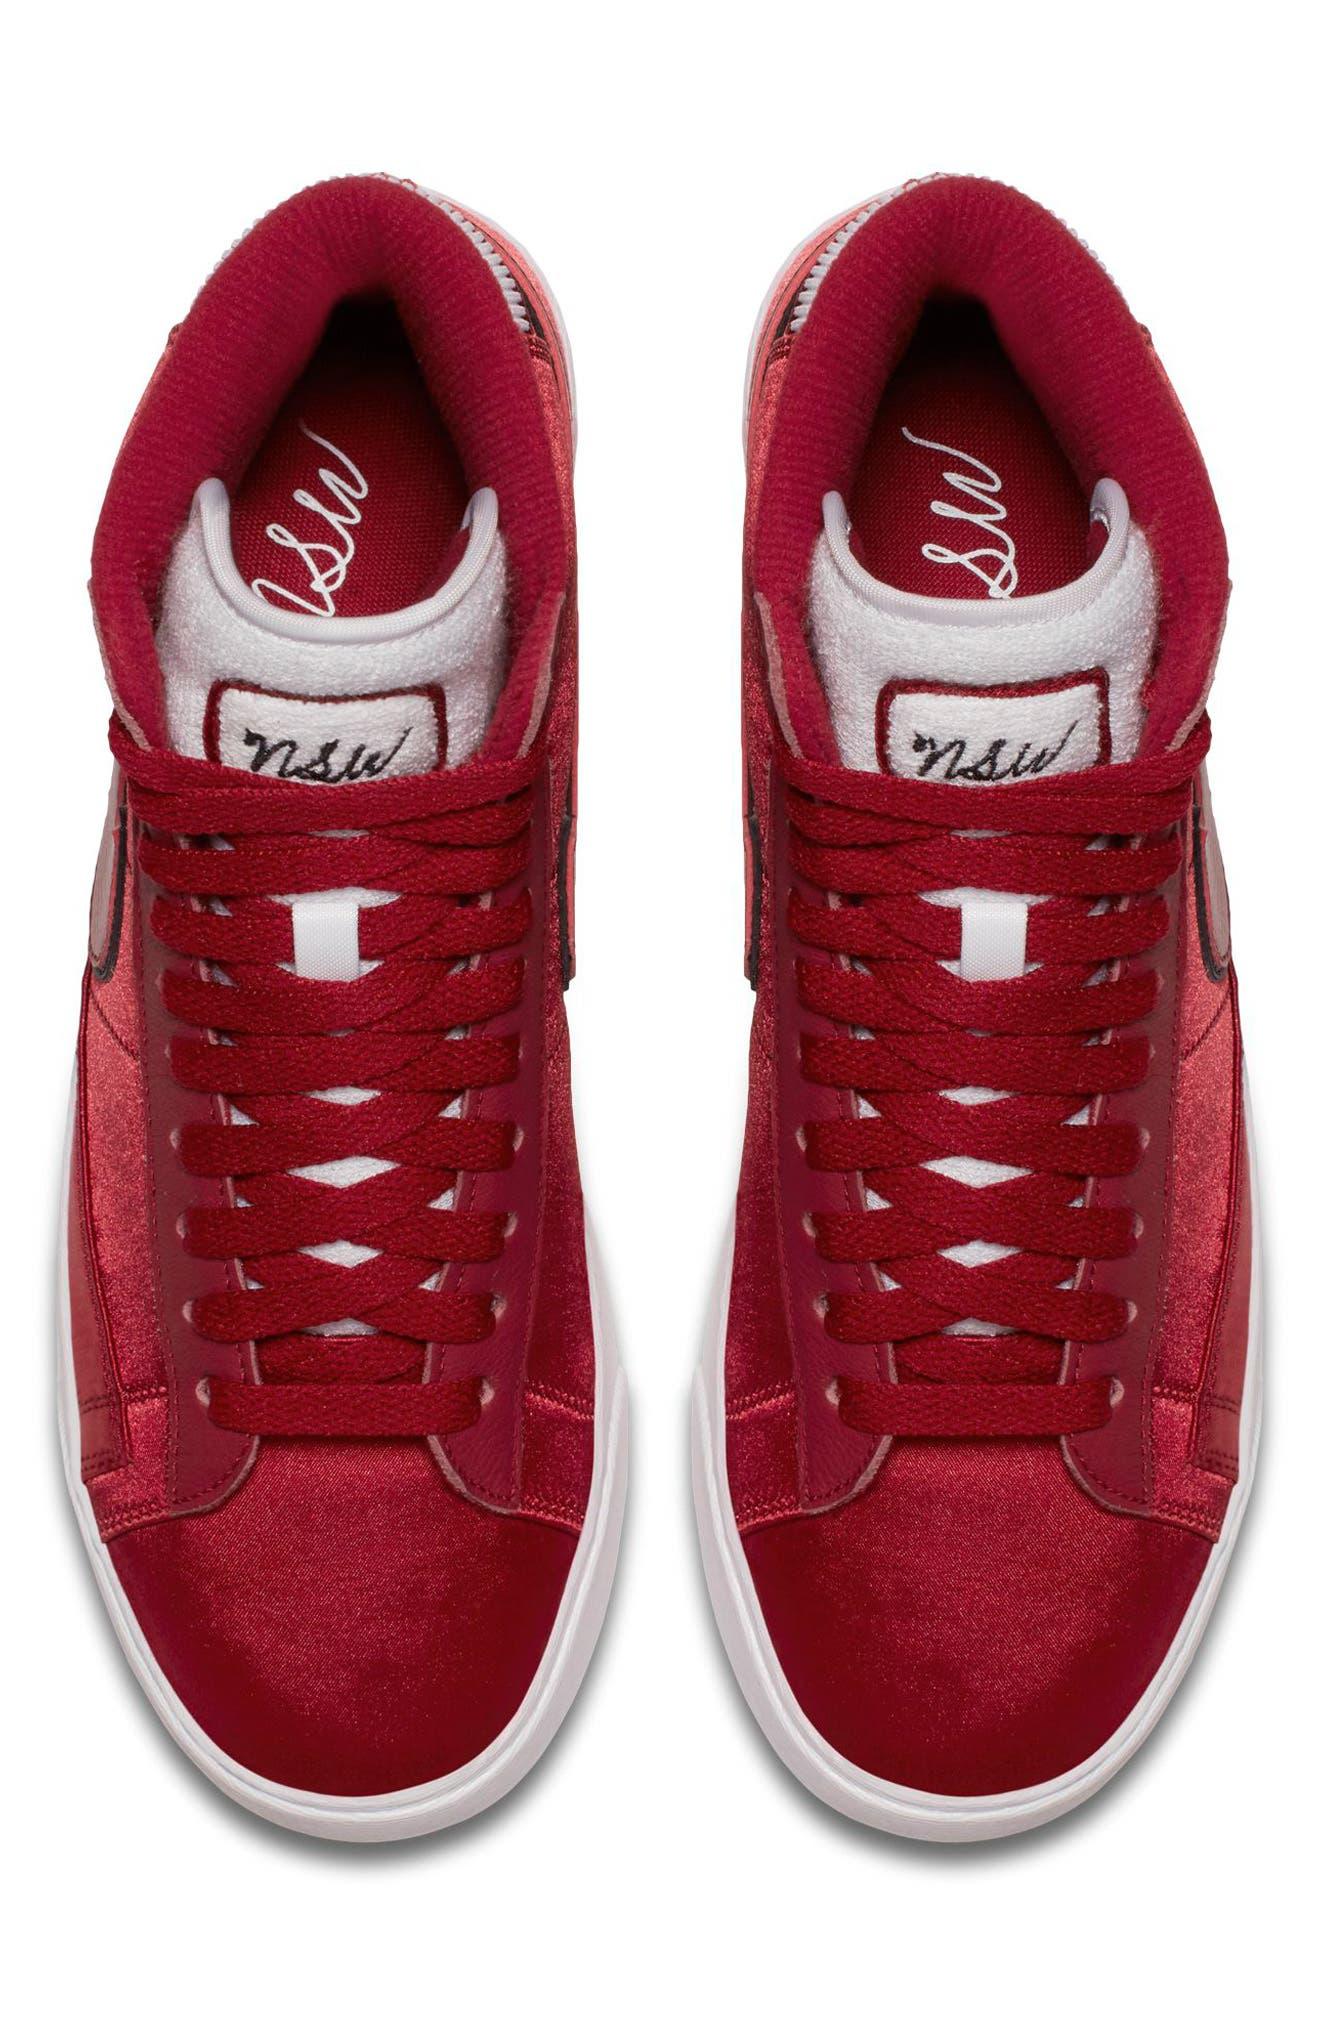 Blazer Mid Top Sneaker,                             Alternate thumbnail 4, color,                             RED CRUSH/ WHITE/ BLACK